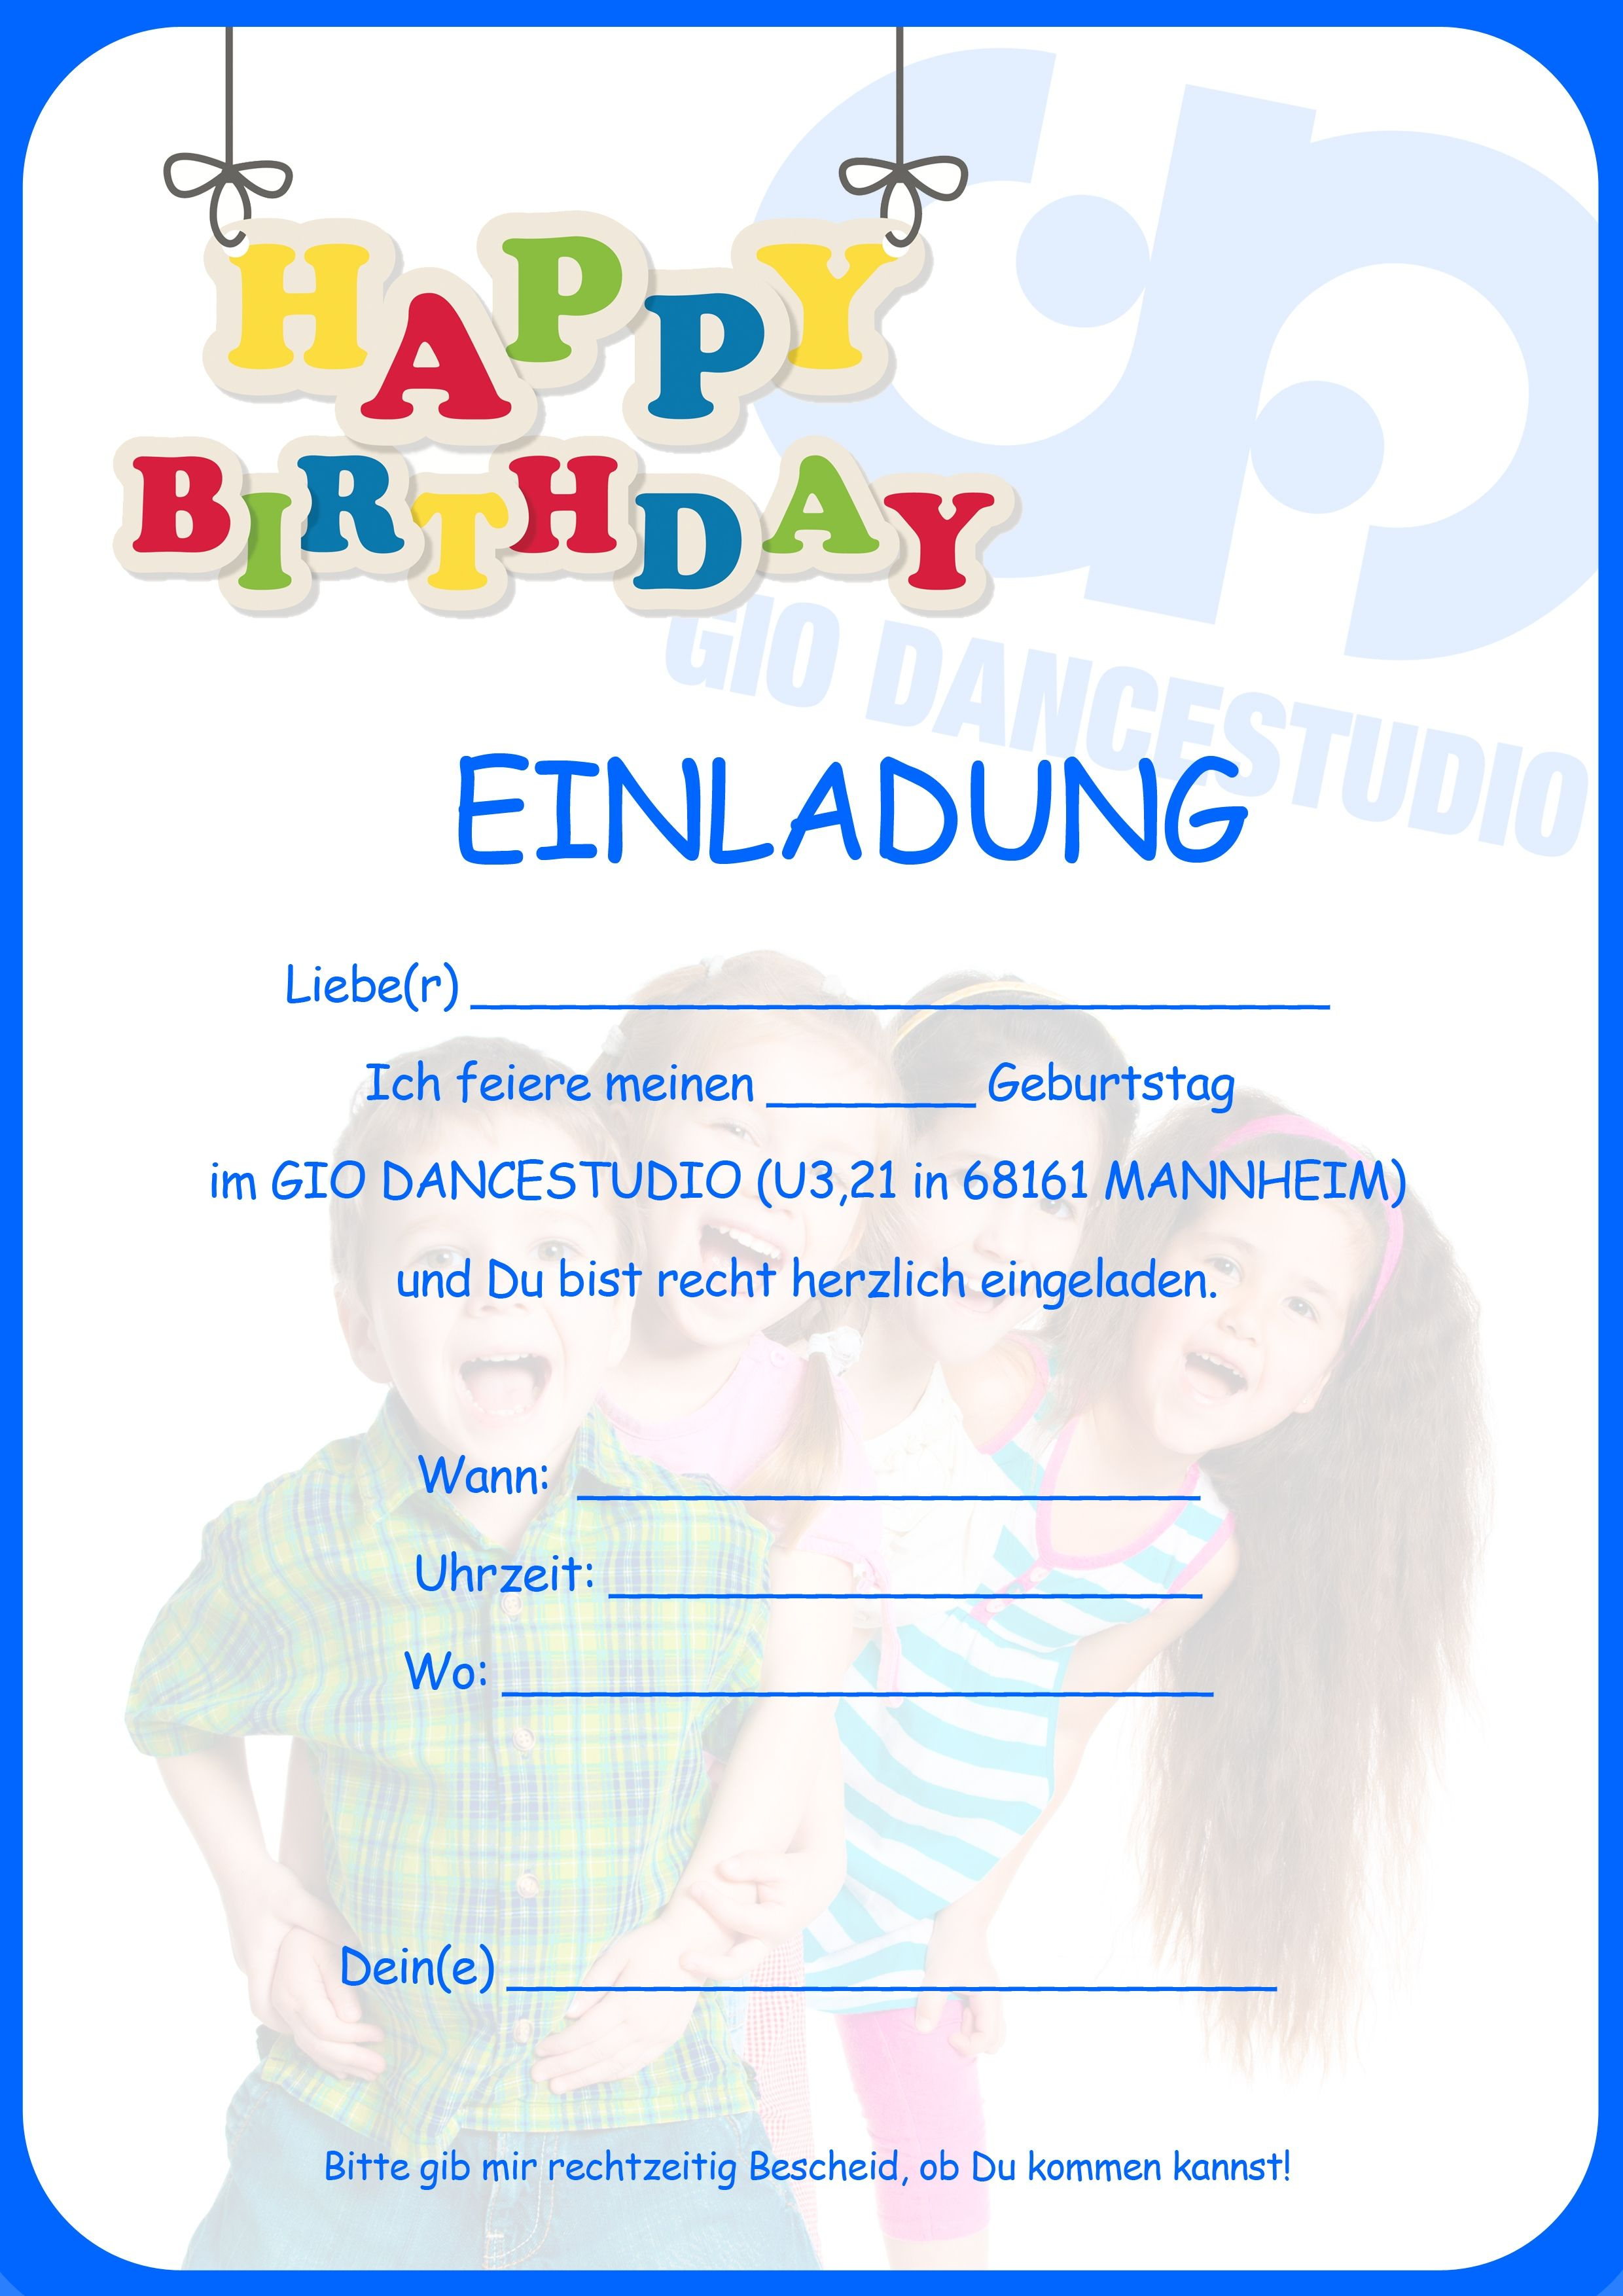 Geburtstag Einladung Kind Einladung Geburtstag Text